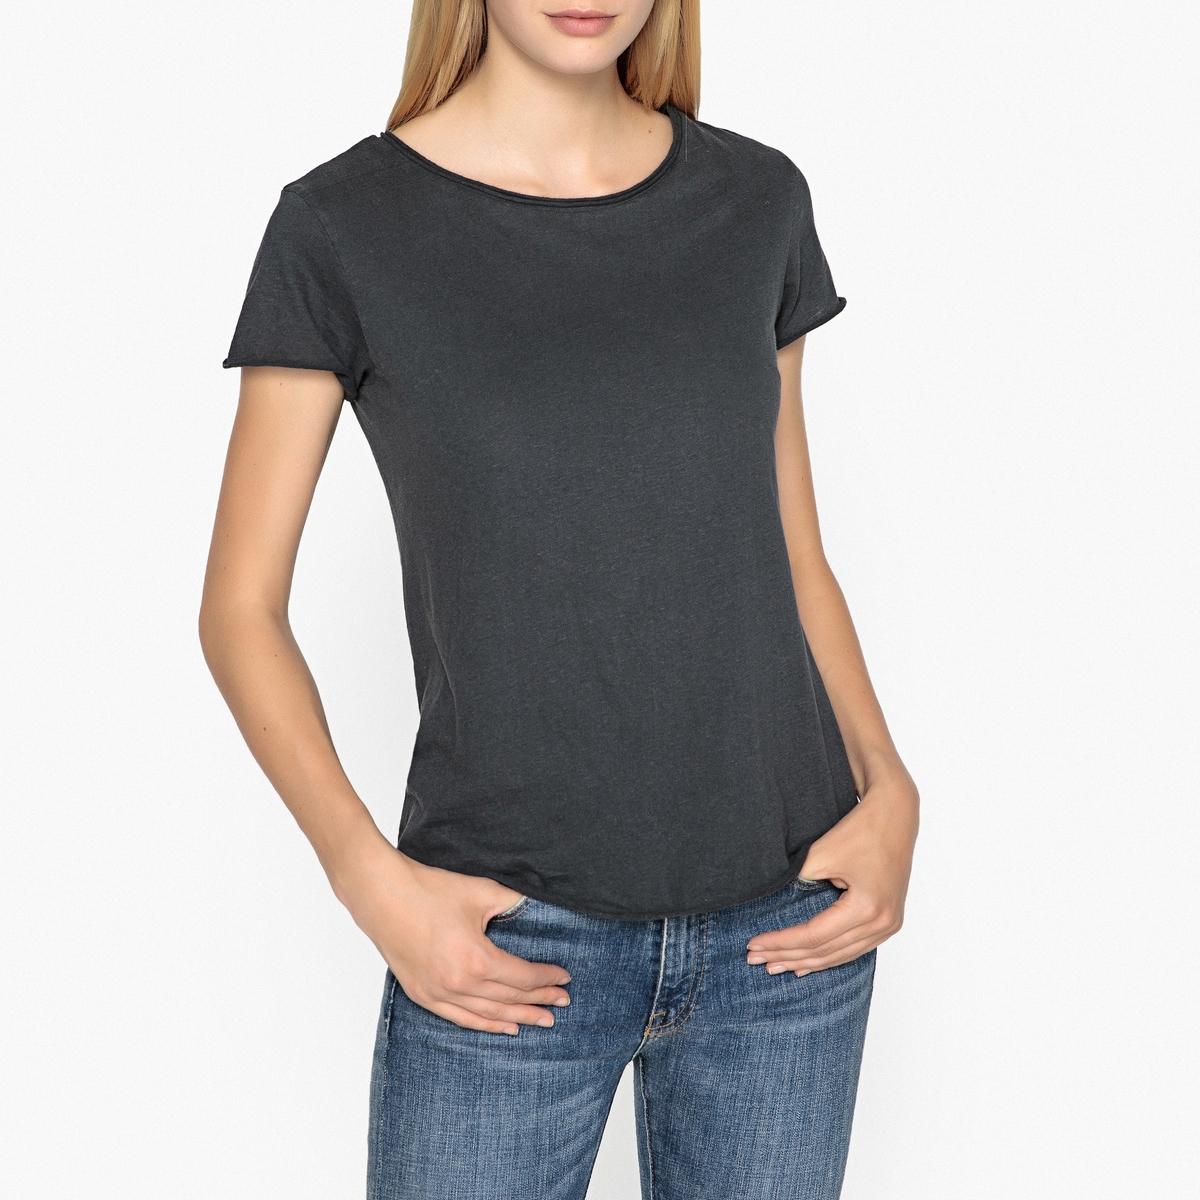 Imagen adicional de producto de Camiseta con cuello redondo de manga corta GAMIPY - American Vintage